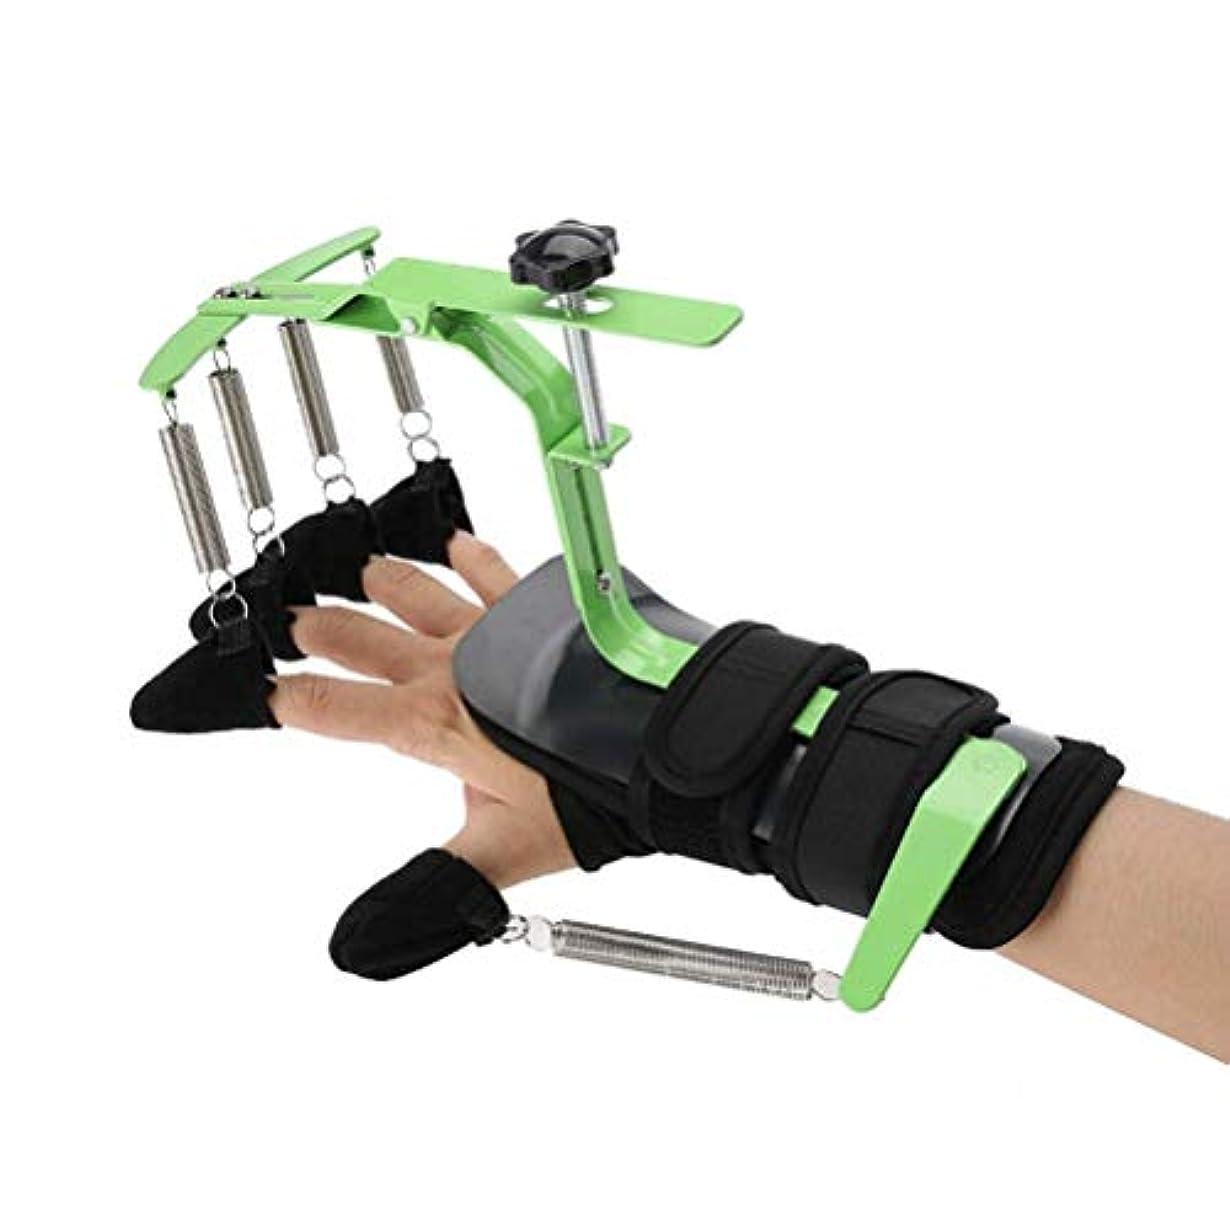 トリクルジュニアもろい指の変形や破損指ナックル固定化、指矯正ブレースガードプロテクターリハビリトレーニングデバイス動的フィンガースプリントのために指のトレーニングデバイスフィンガースプリント